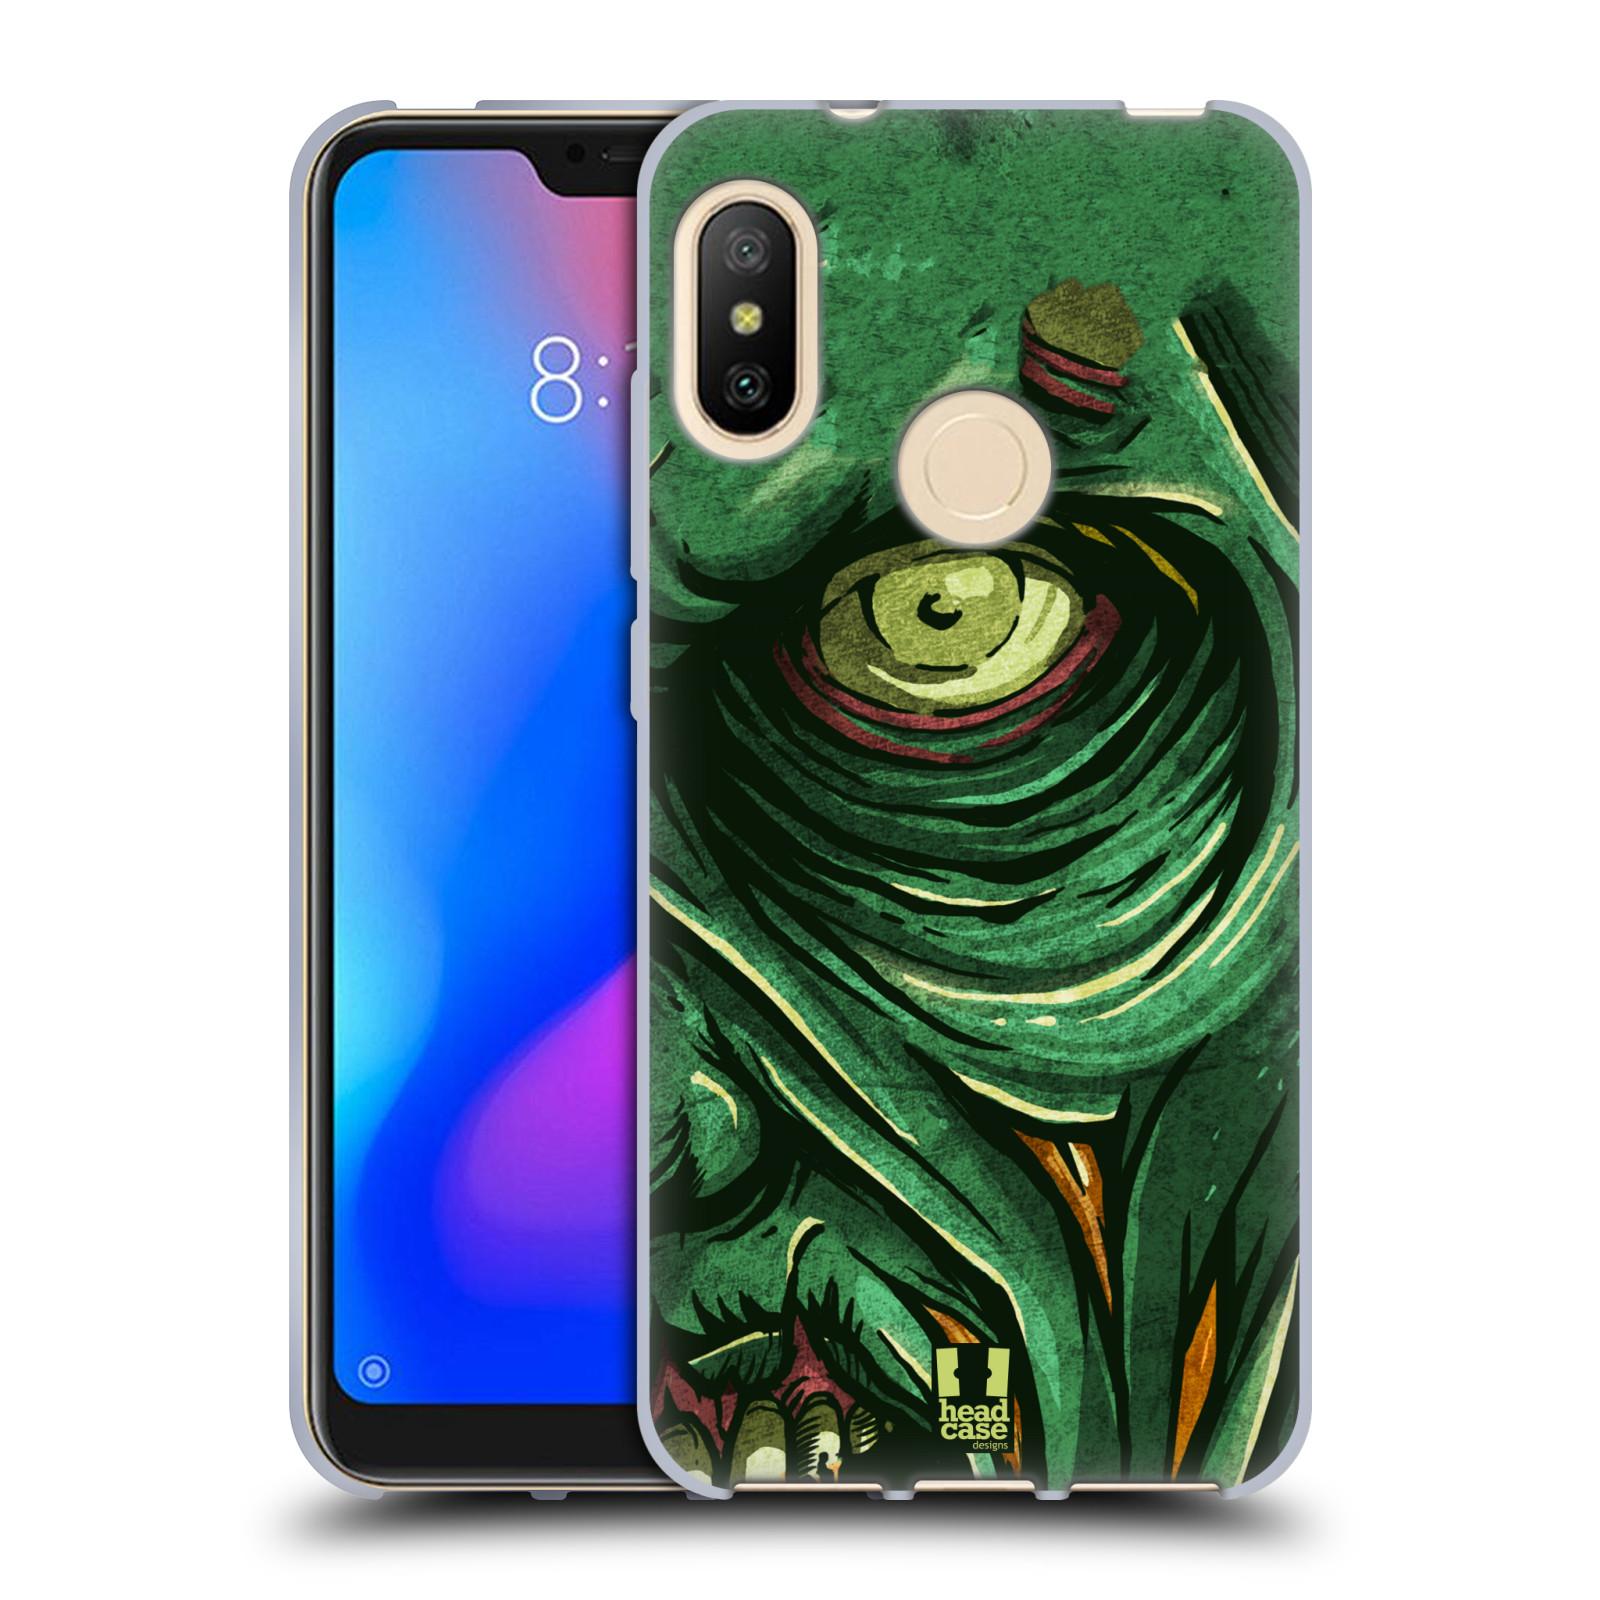 Silikonové pouzdro na mobil Xiaomi Mi A2 Lite - Head Case - ZOMBIE TVÁŘ